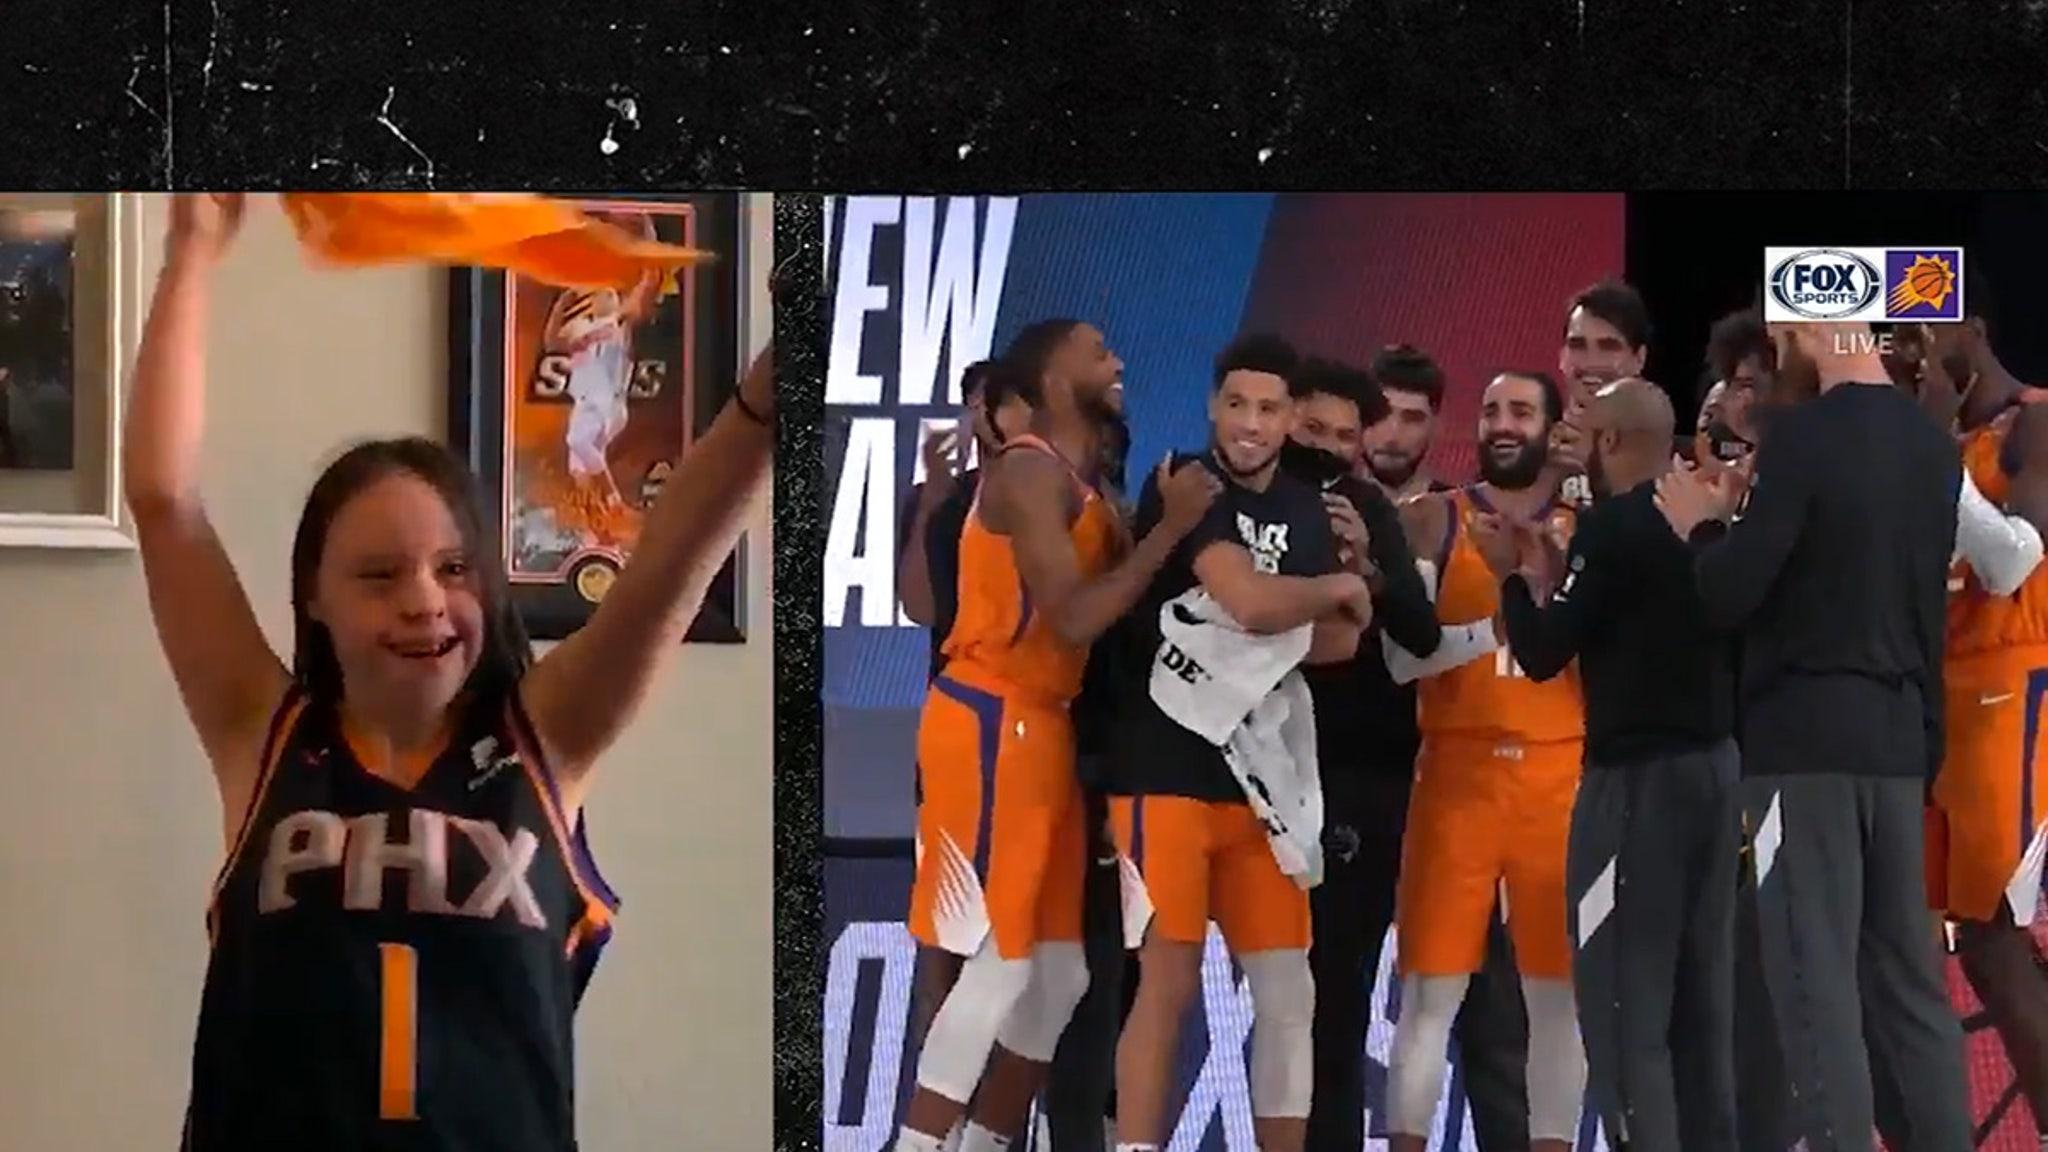 【影片】感動全聯盟!太陽讓家屬錄製影片介紹球員,詹皇哭訴:我也想家人了!-黑特籃球-NBA新聞影音圖片分享社區